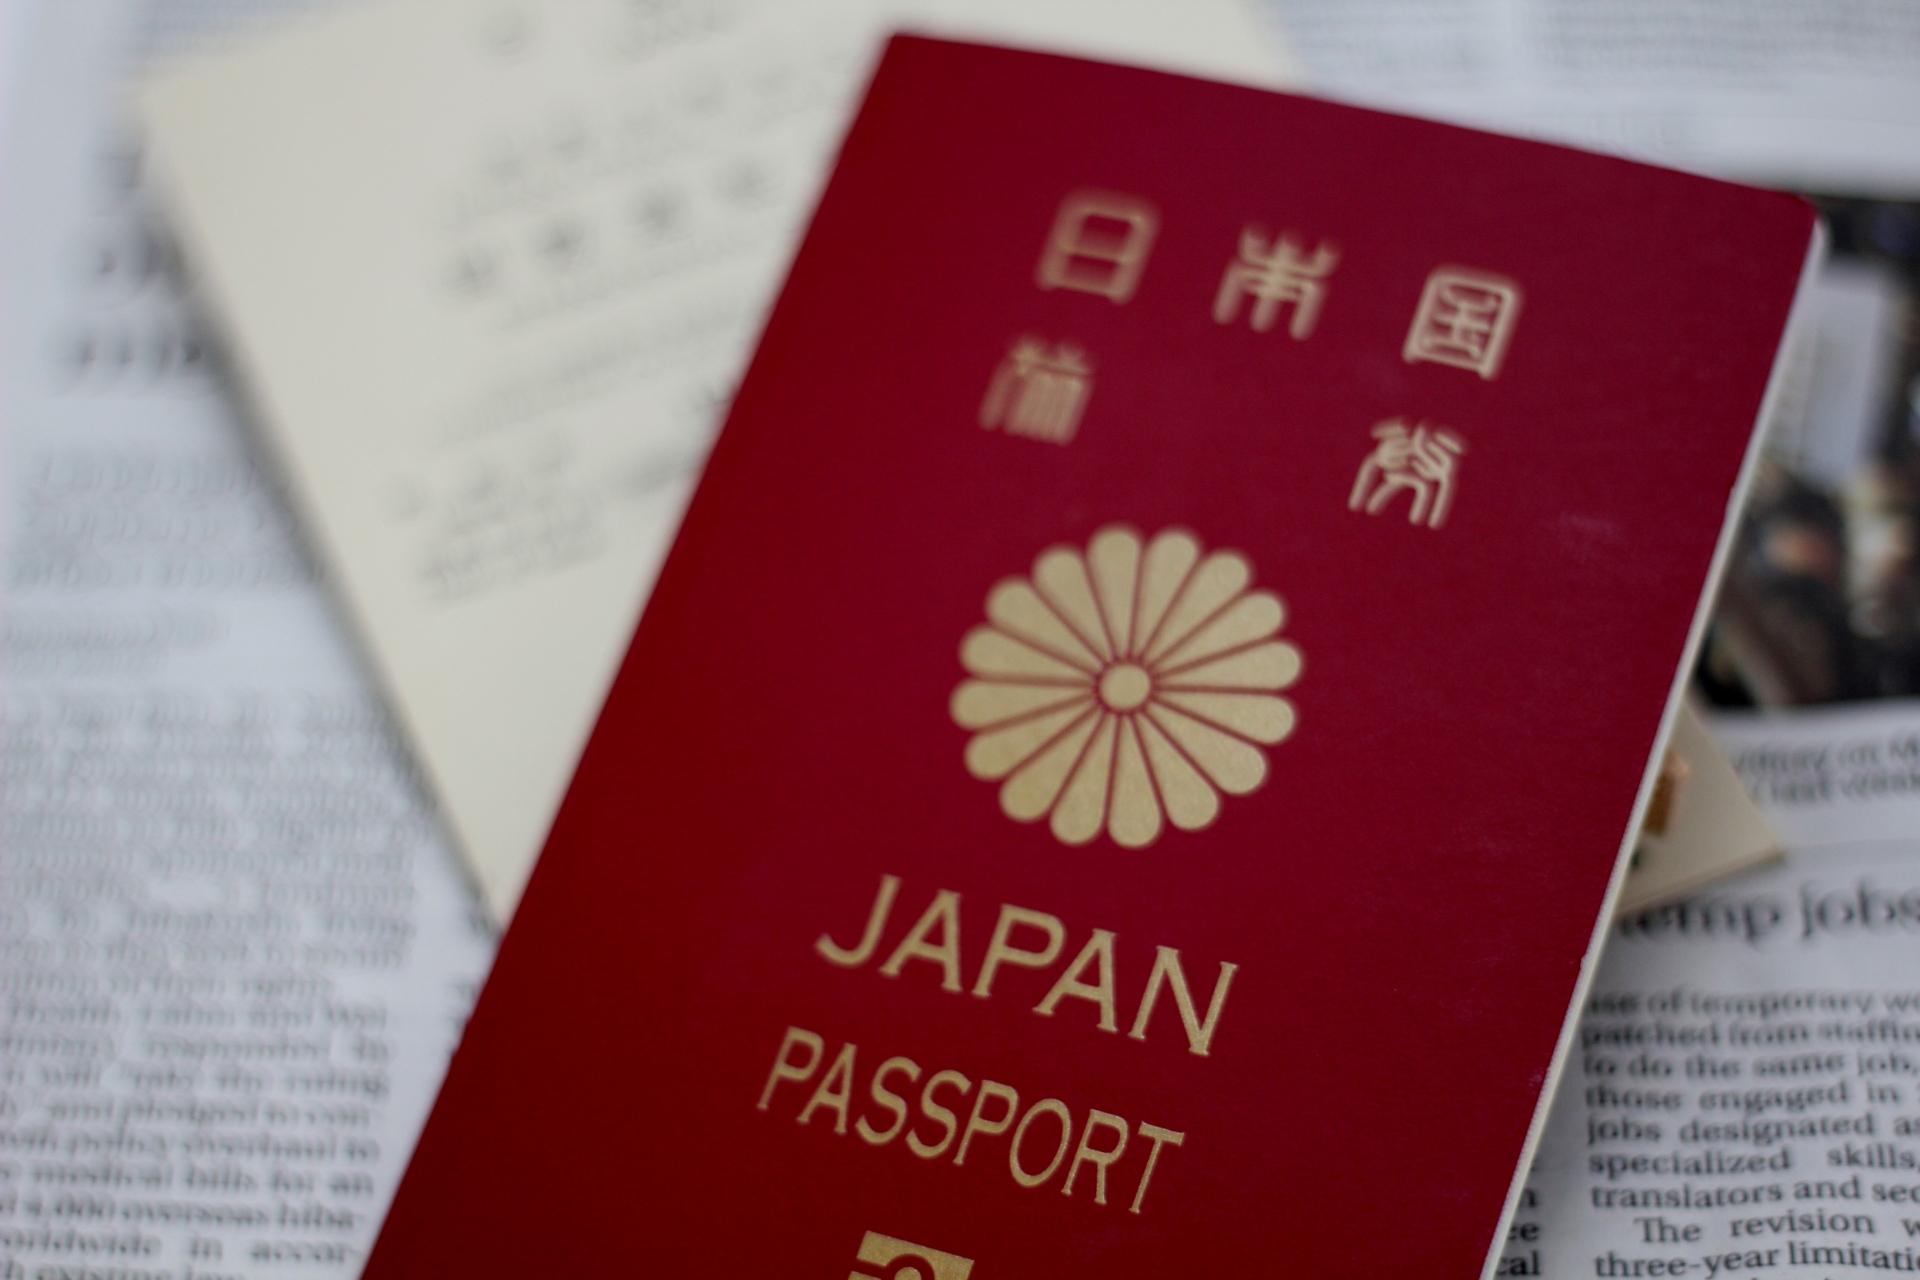 パスポート査証欄が葛飾北斎の「 富嶽三十六景 」に変更